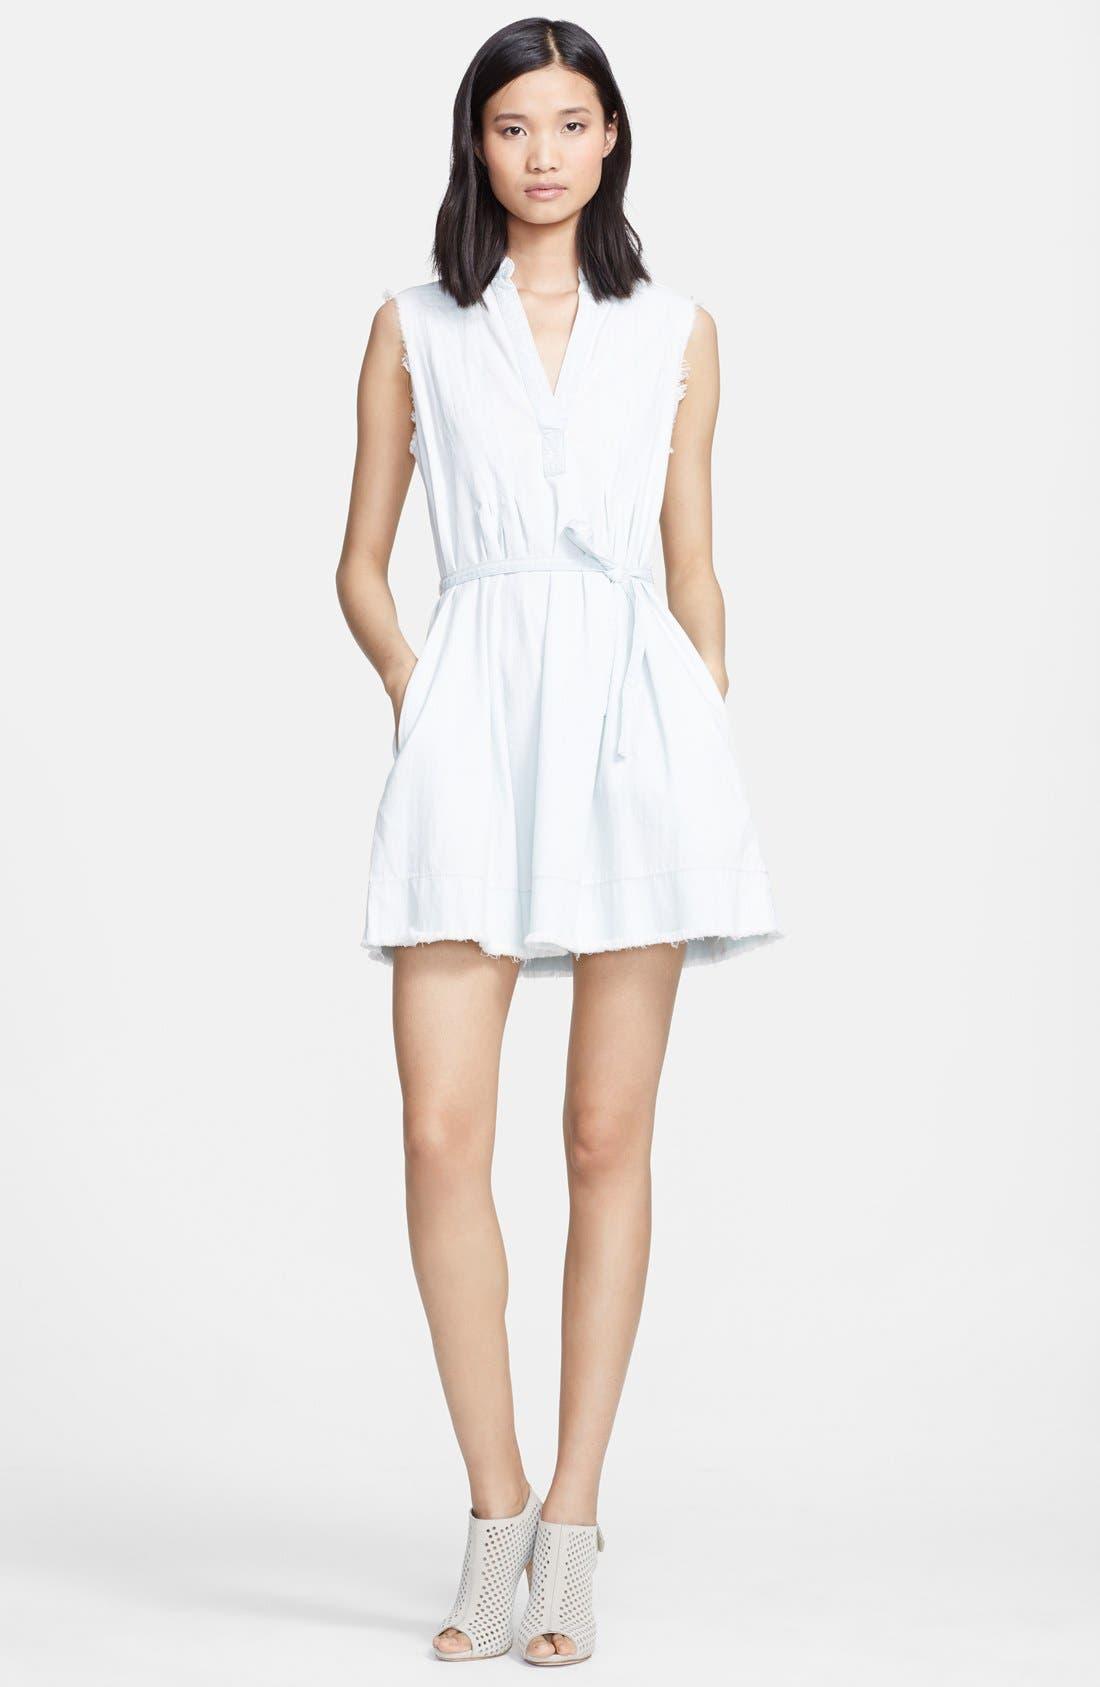 Alternate Image 1 Selected - Current/Elliott 'The Craftsman Smock' Cotton Dress